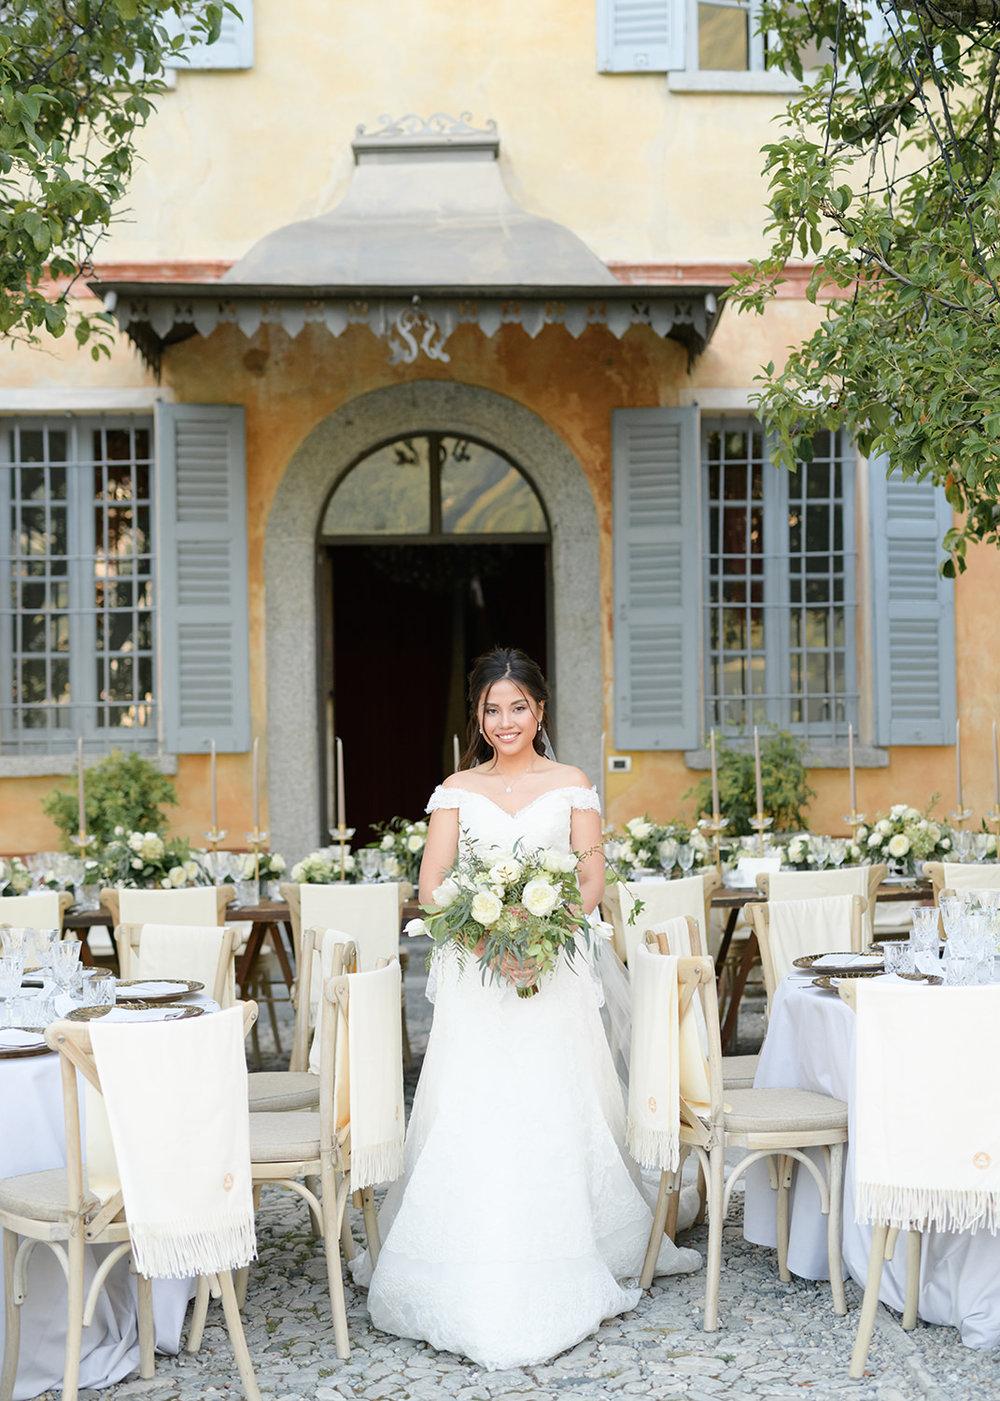 villa-regina-teodolinda-wedding-photographer-C&B-©bottega53-56.JPG